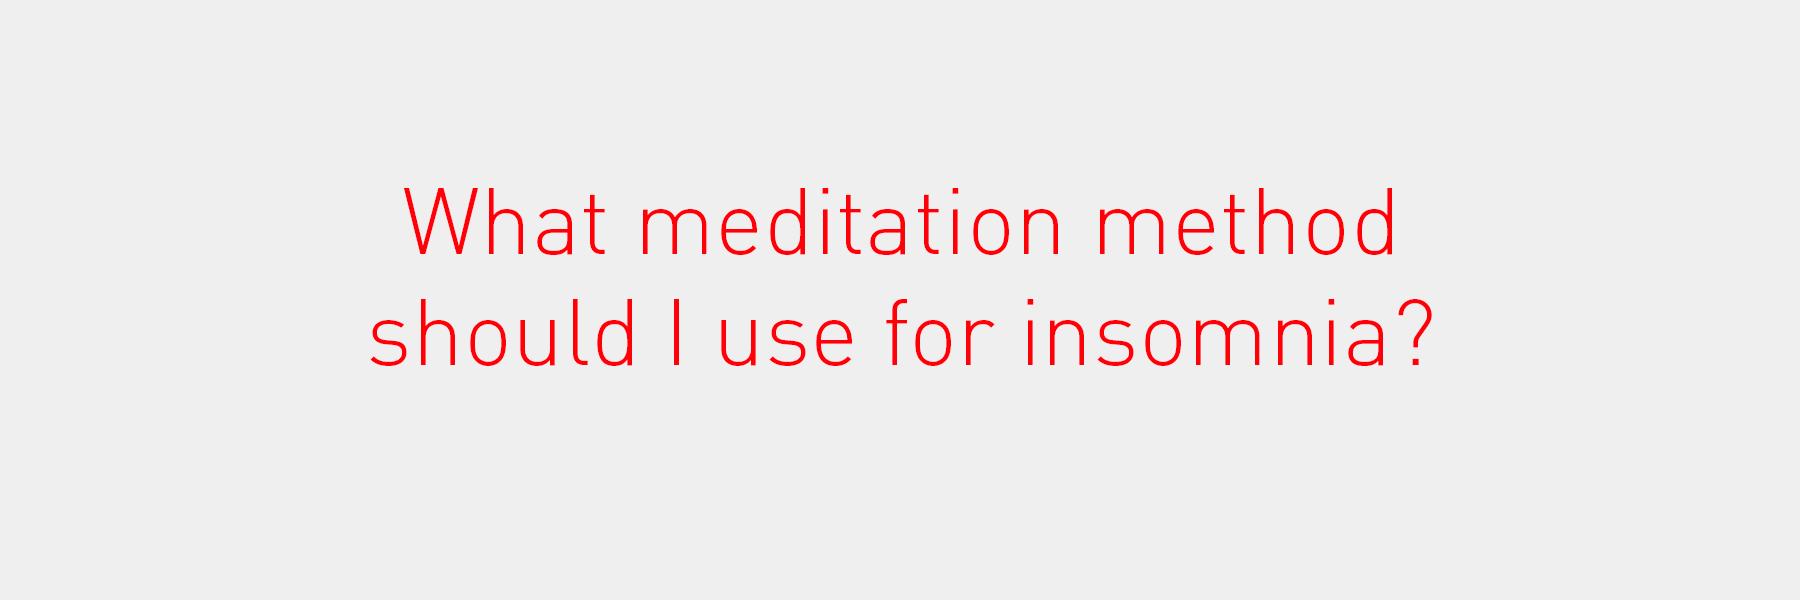 What meditation method should I use for insomnia?